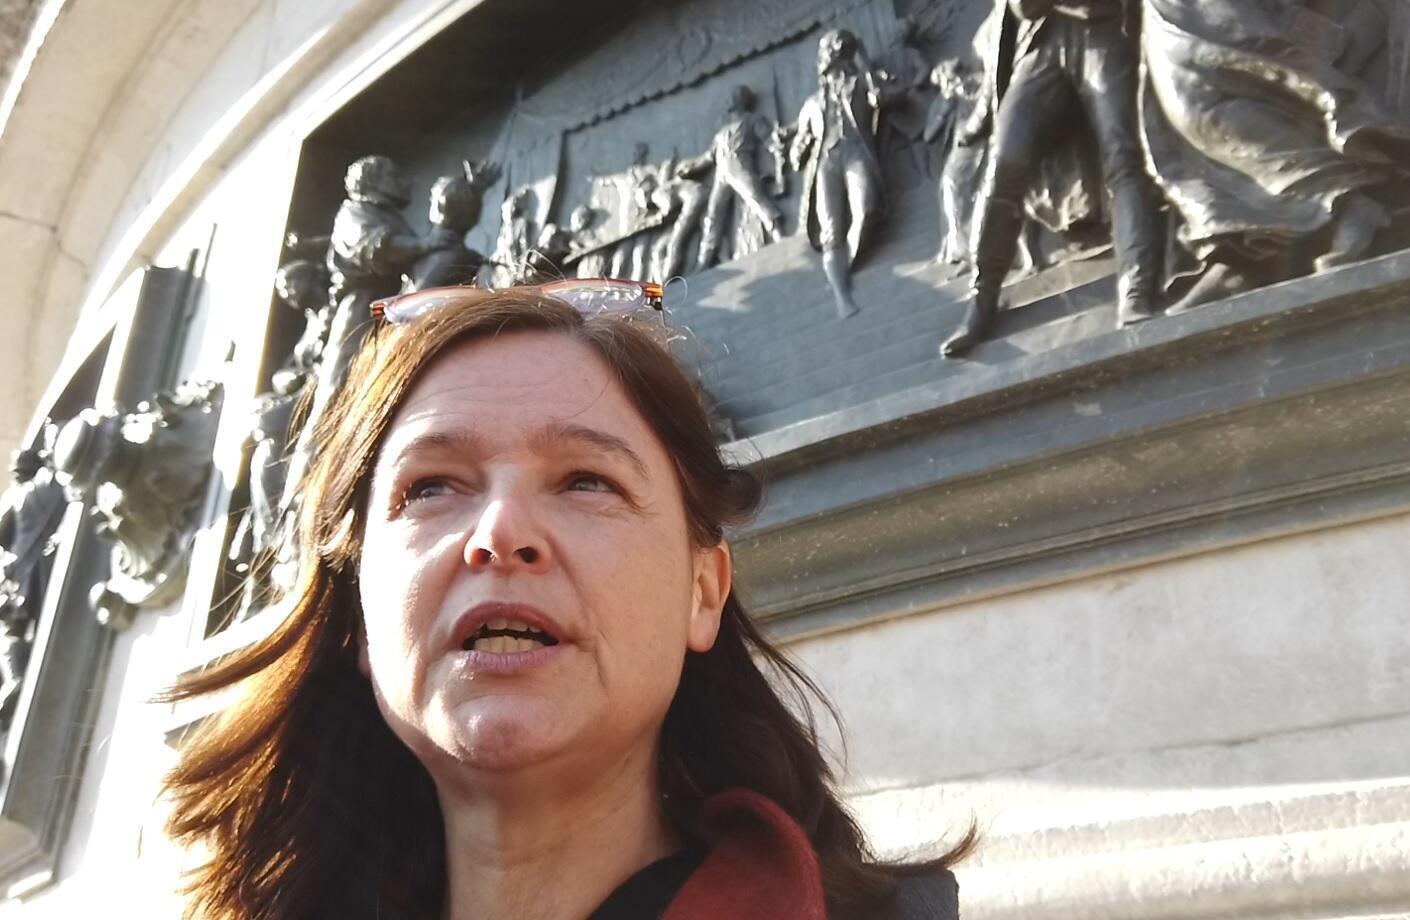 Katrien van der Heyden, mother of Anuna de Wever